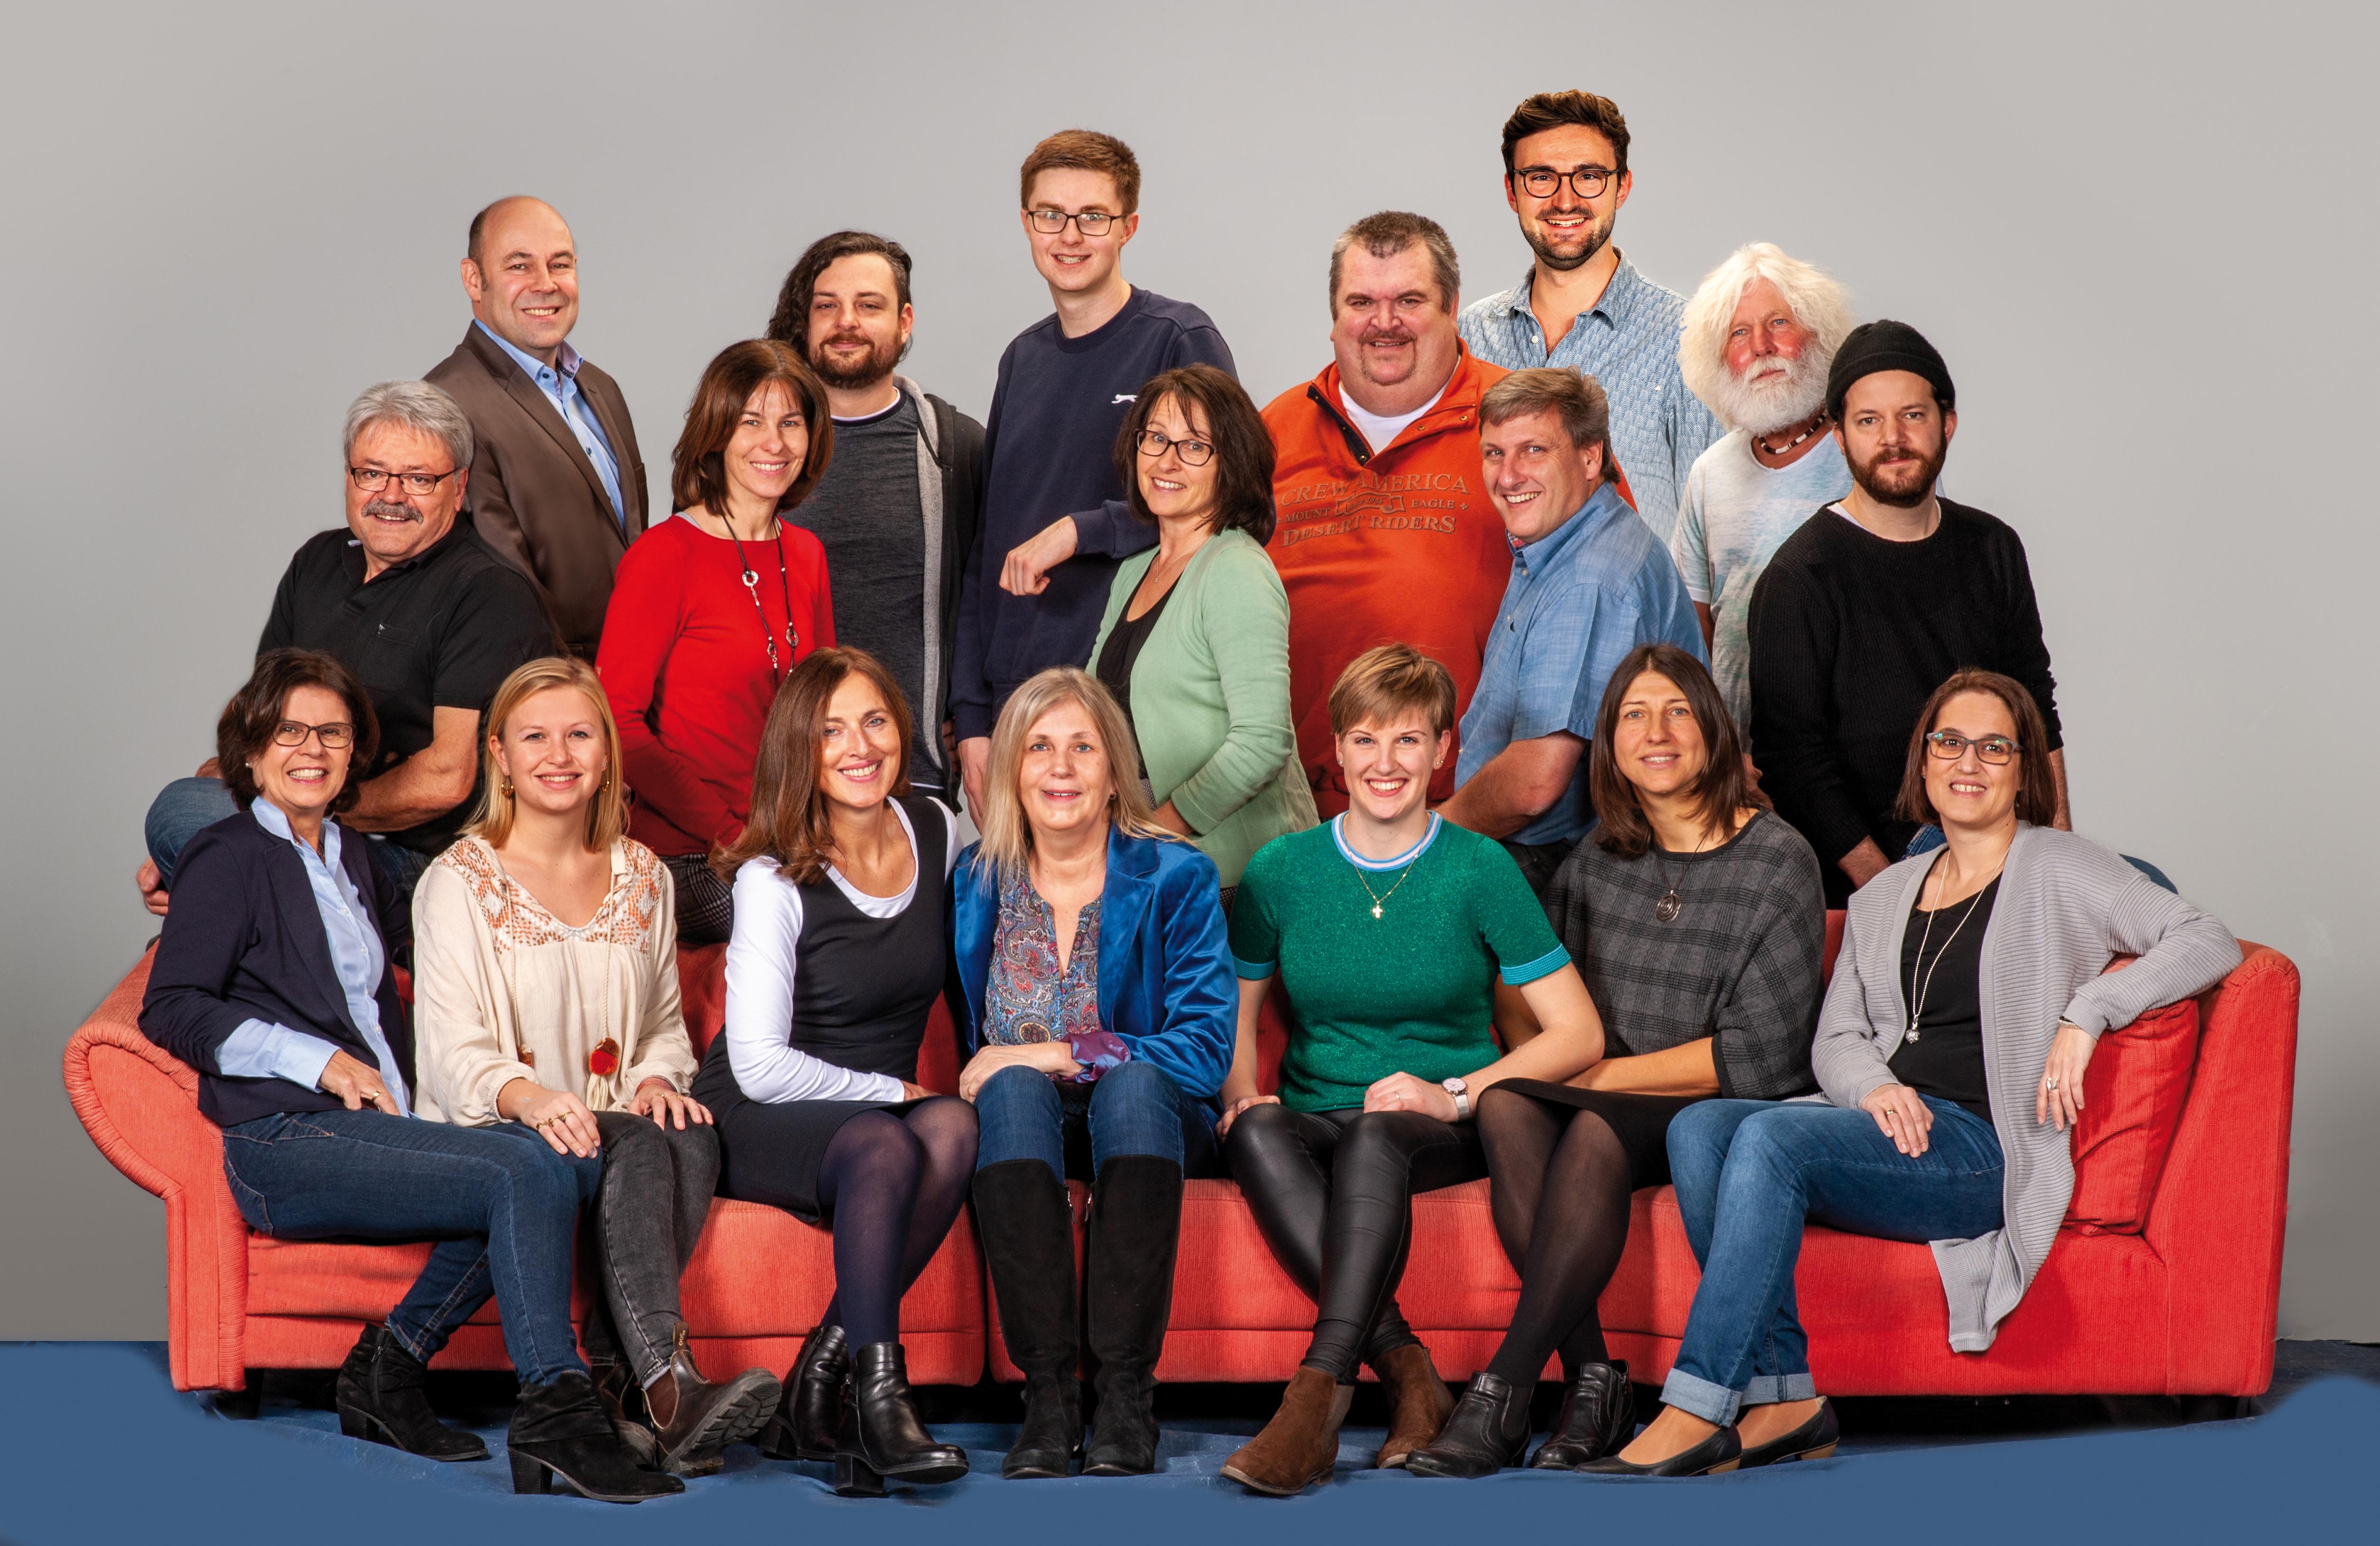 Die Kandidaten der SPD-Parteifreien Wörth-Hörlkofen für die anstehende Gemeinderatswahl